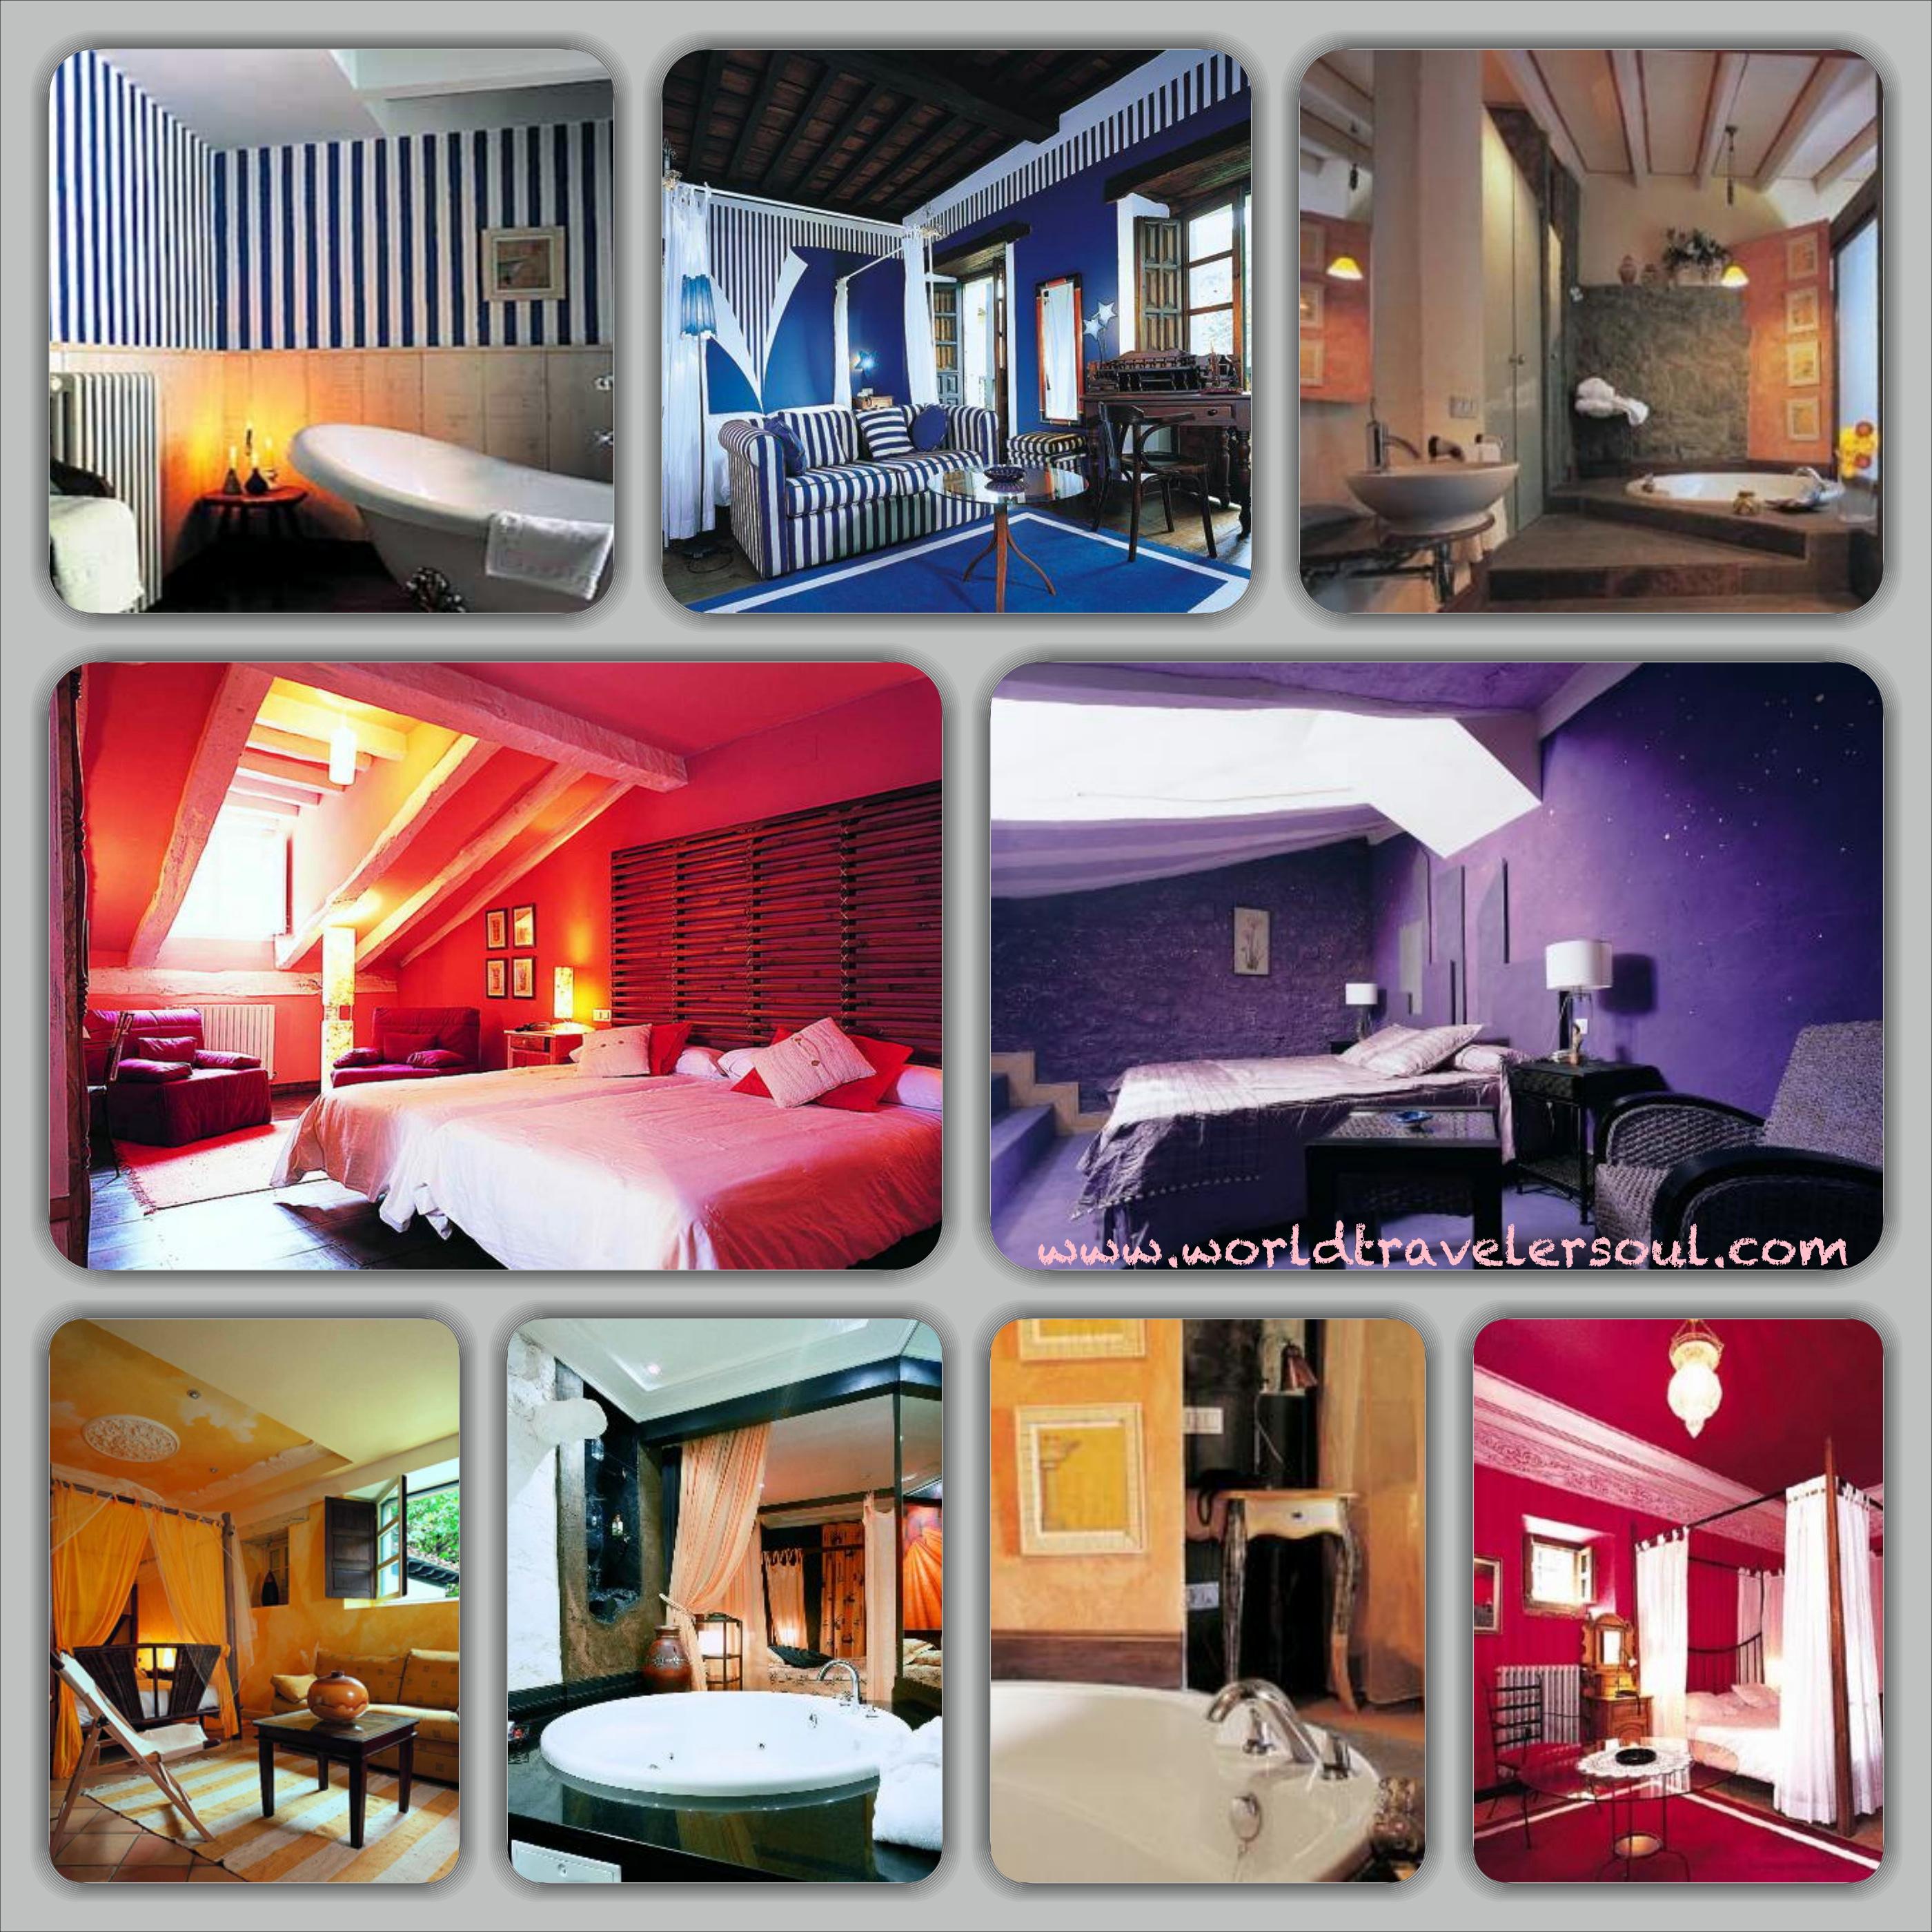 Los 10 mejores hoteles con jacuzzi bathtub en la for Hoteles con microondas en la habitacion